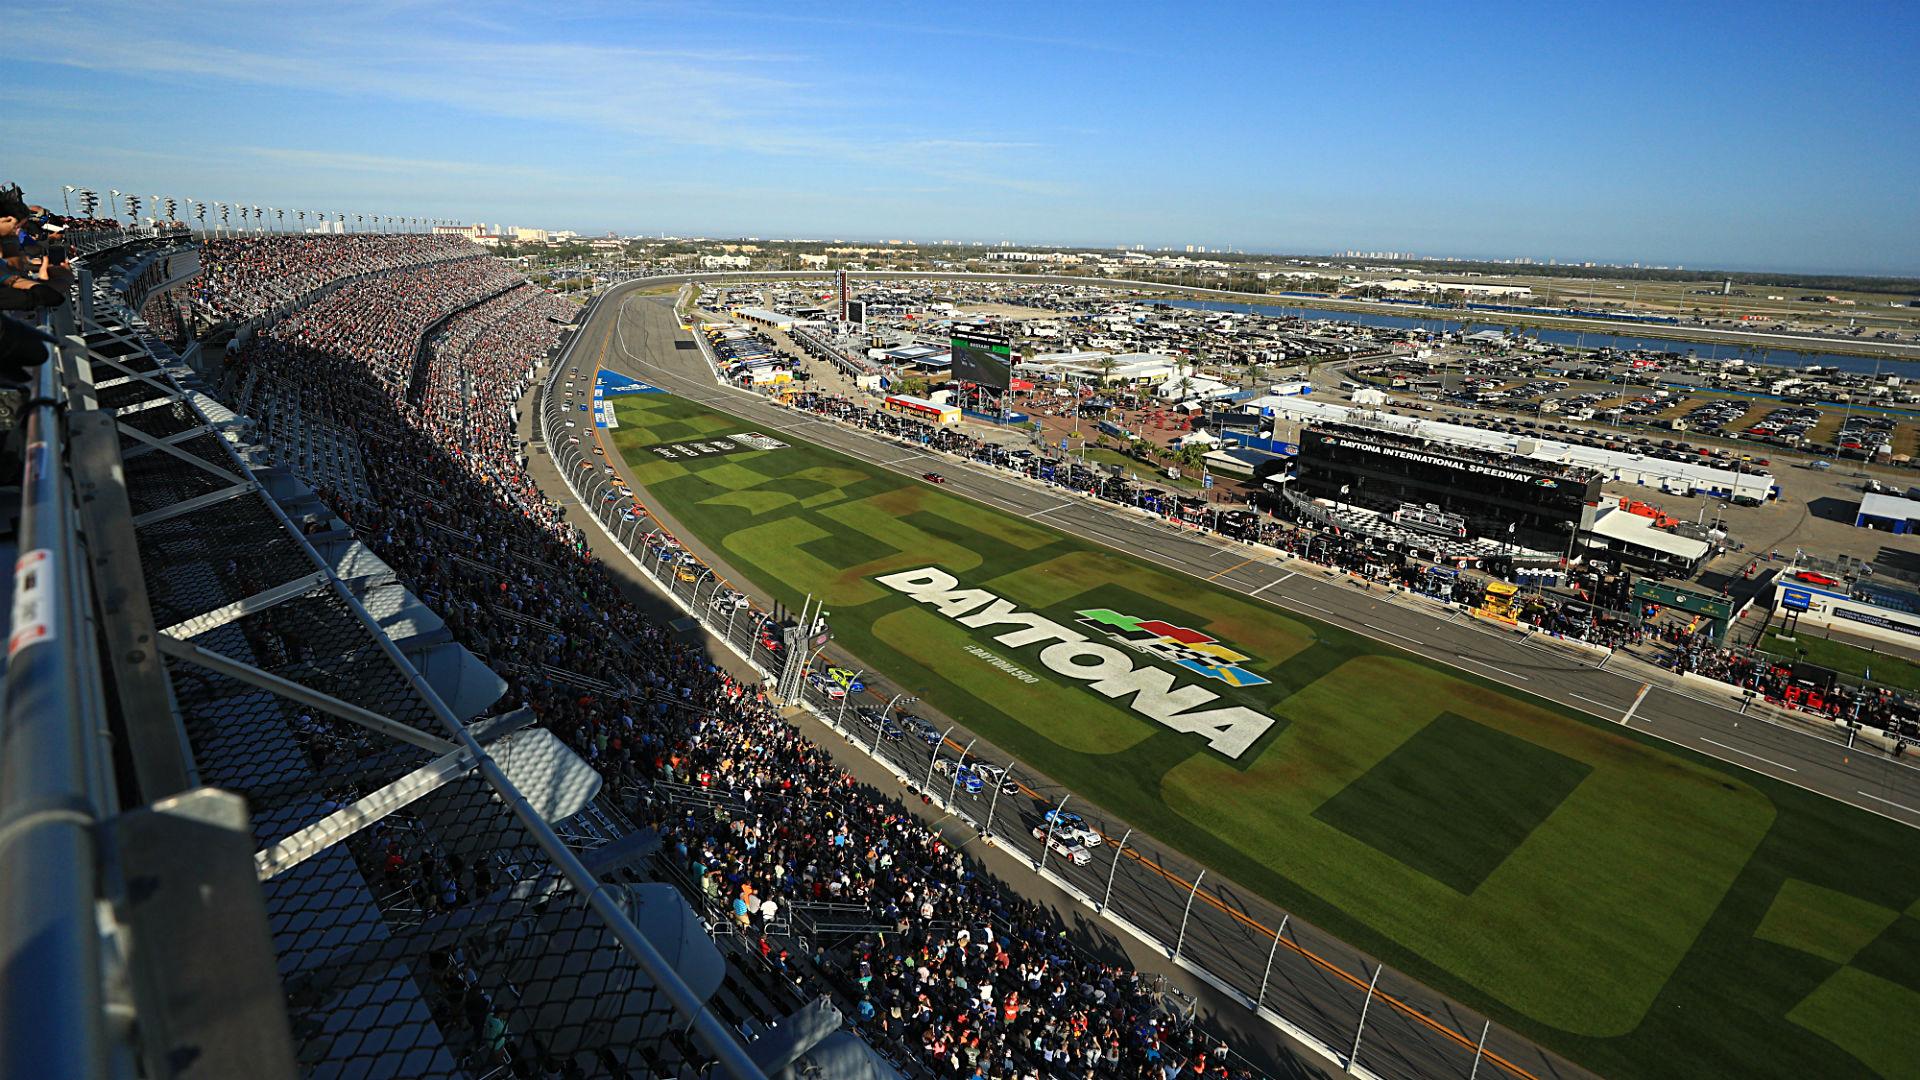 Calendario 2021 de NASCAR: Busch Clash se mudará al circuito de Daytona como parte de los cambios de Speedweeks 19